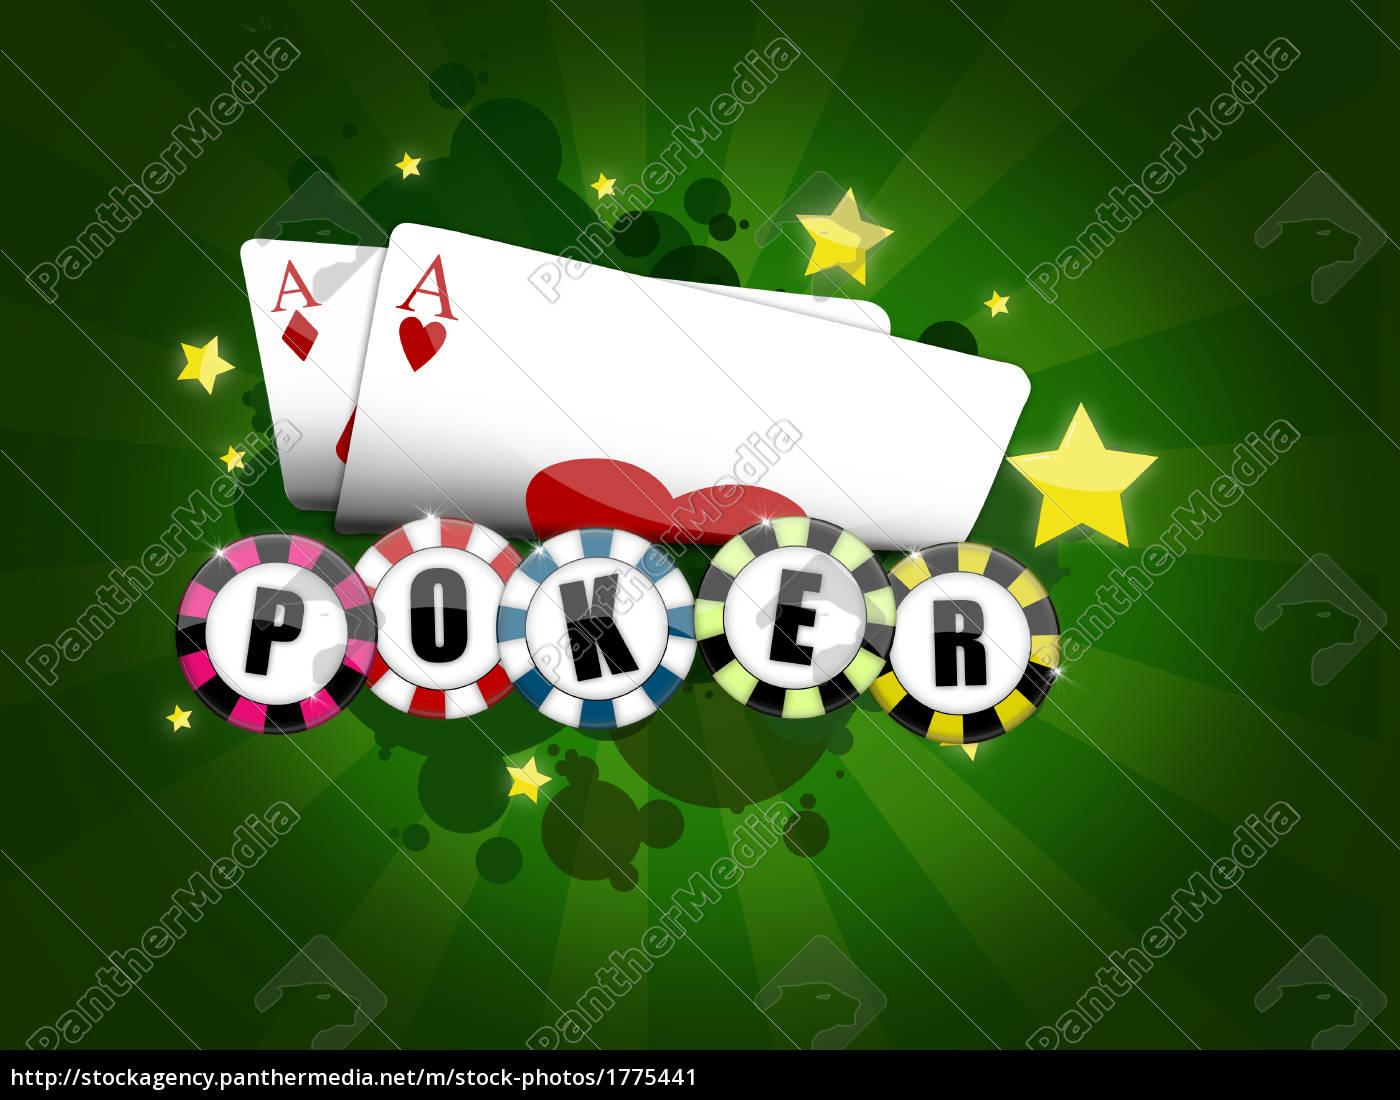 poker, game - 1775441